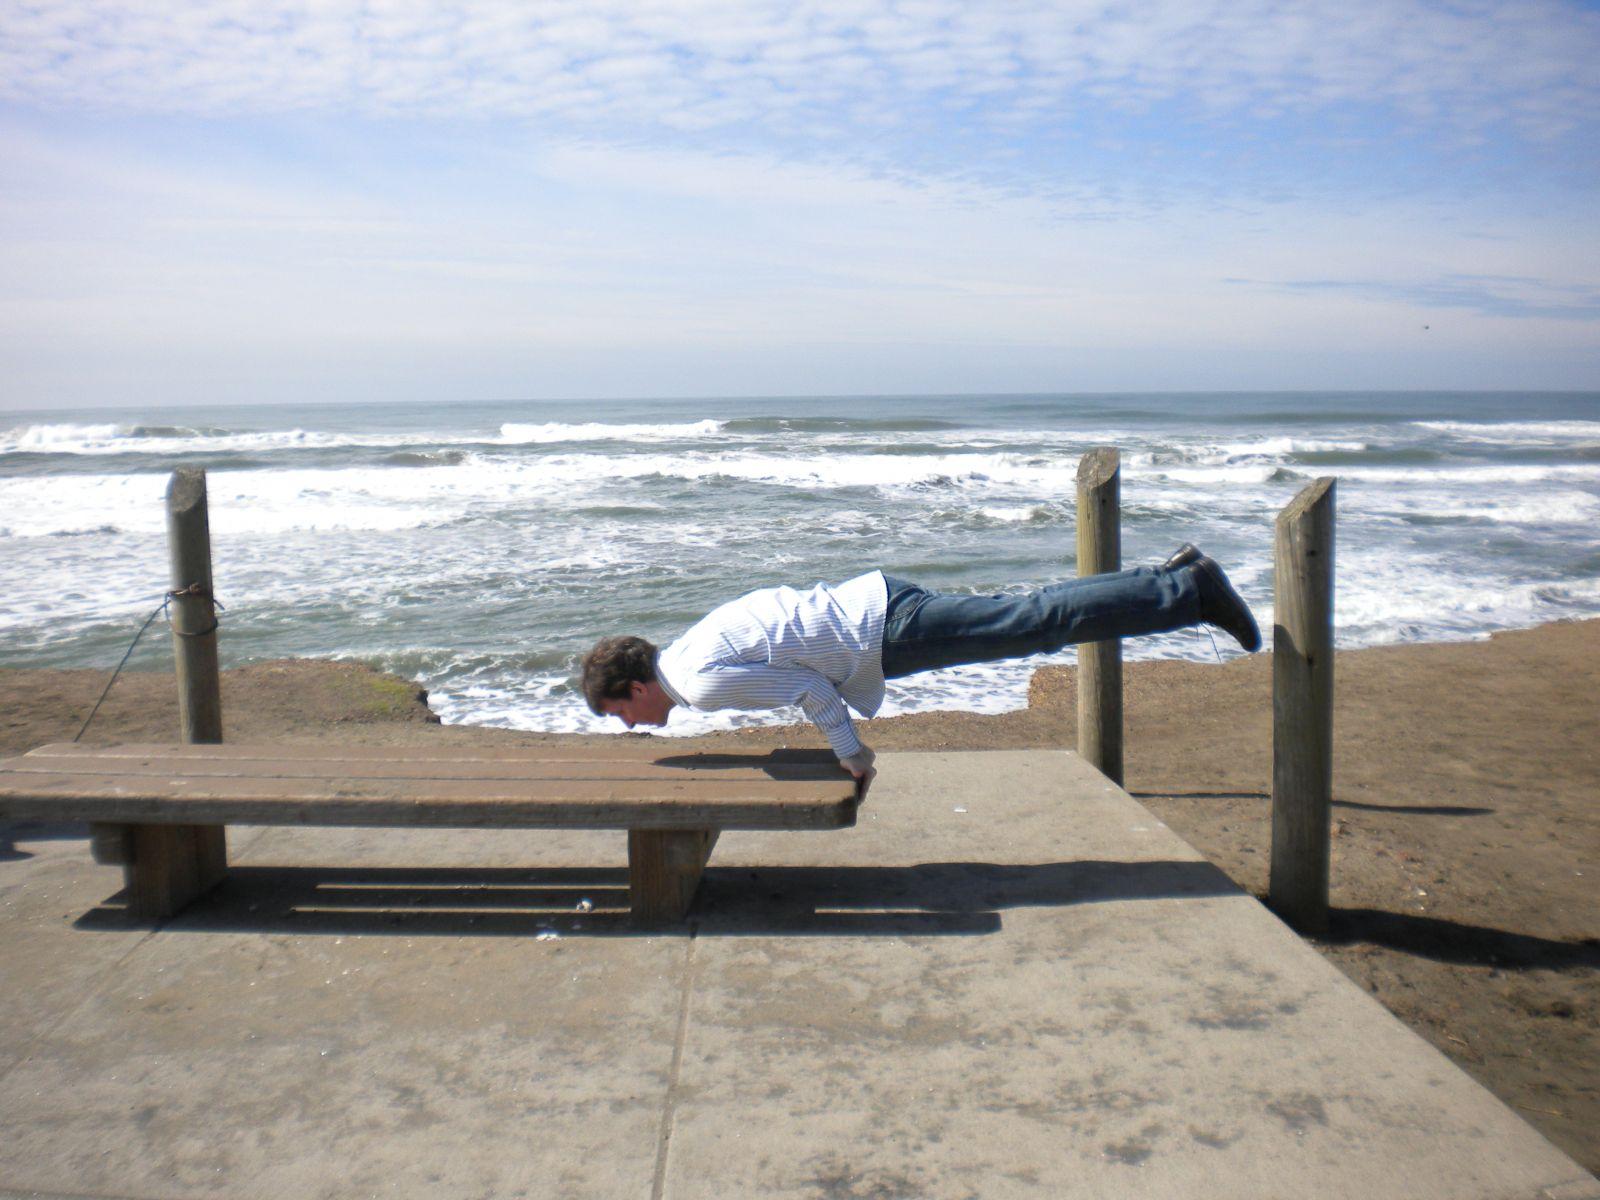 Pacific Coast Hwy- Feb 10